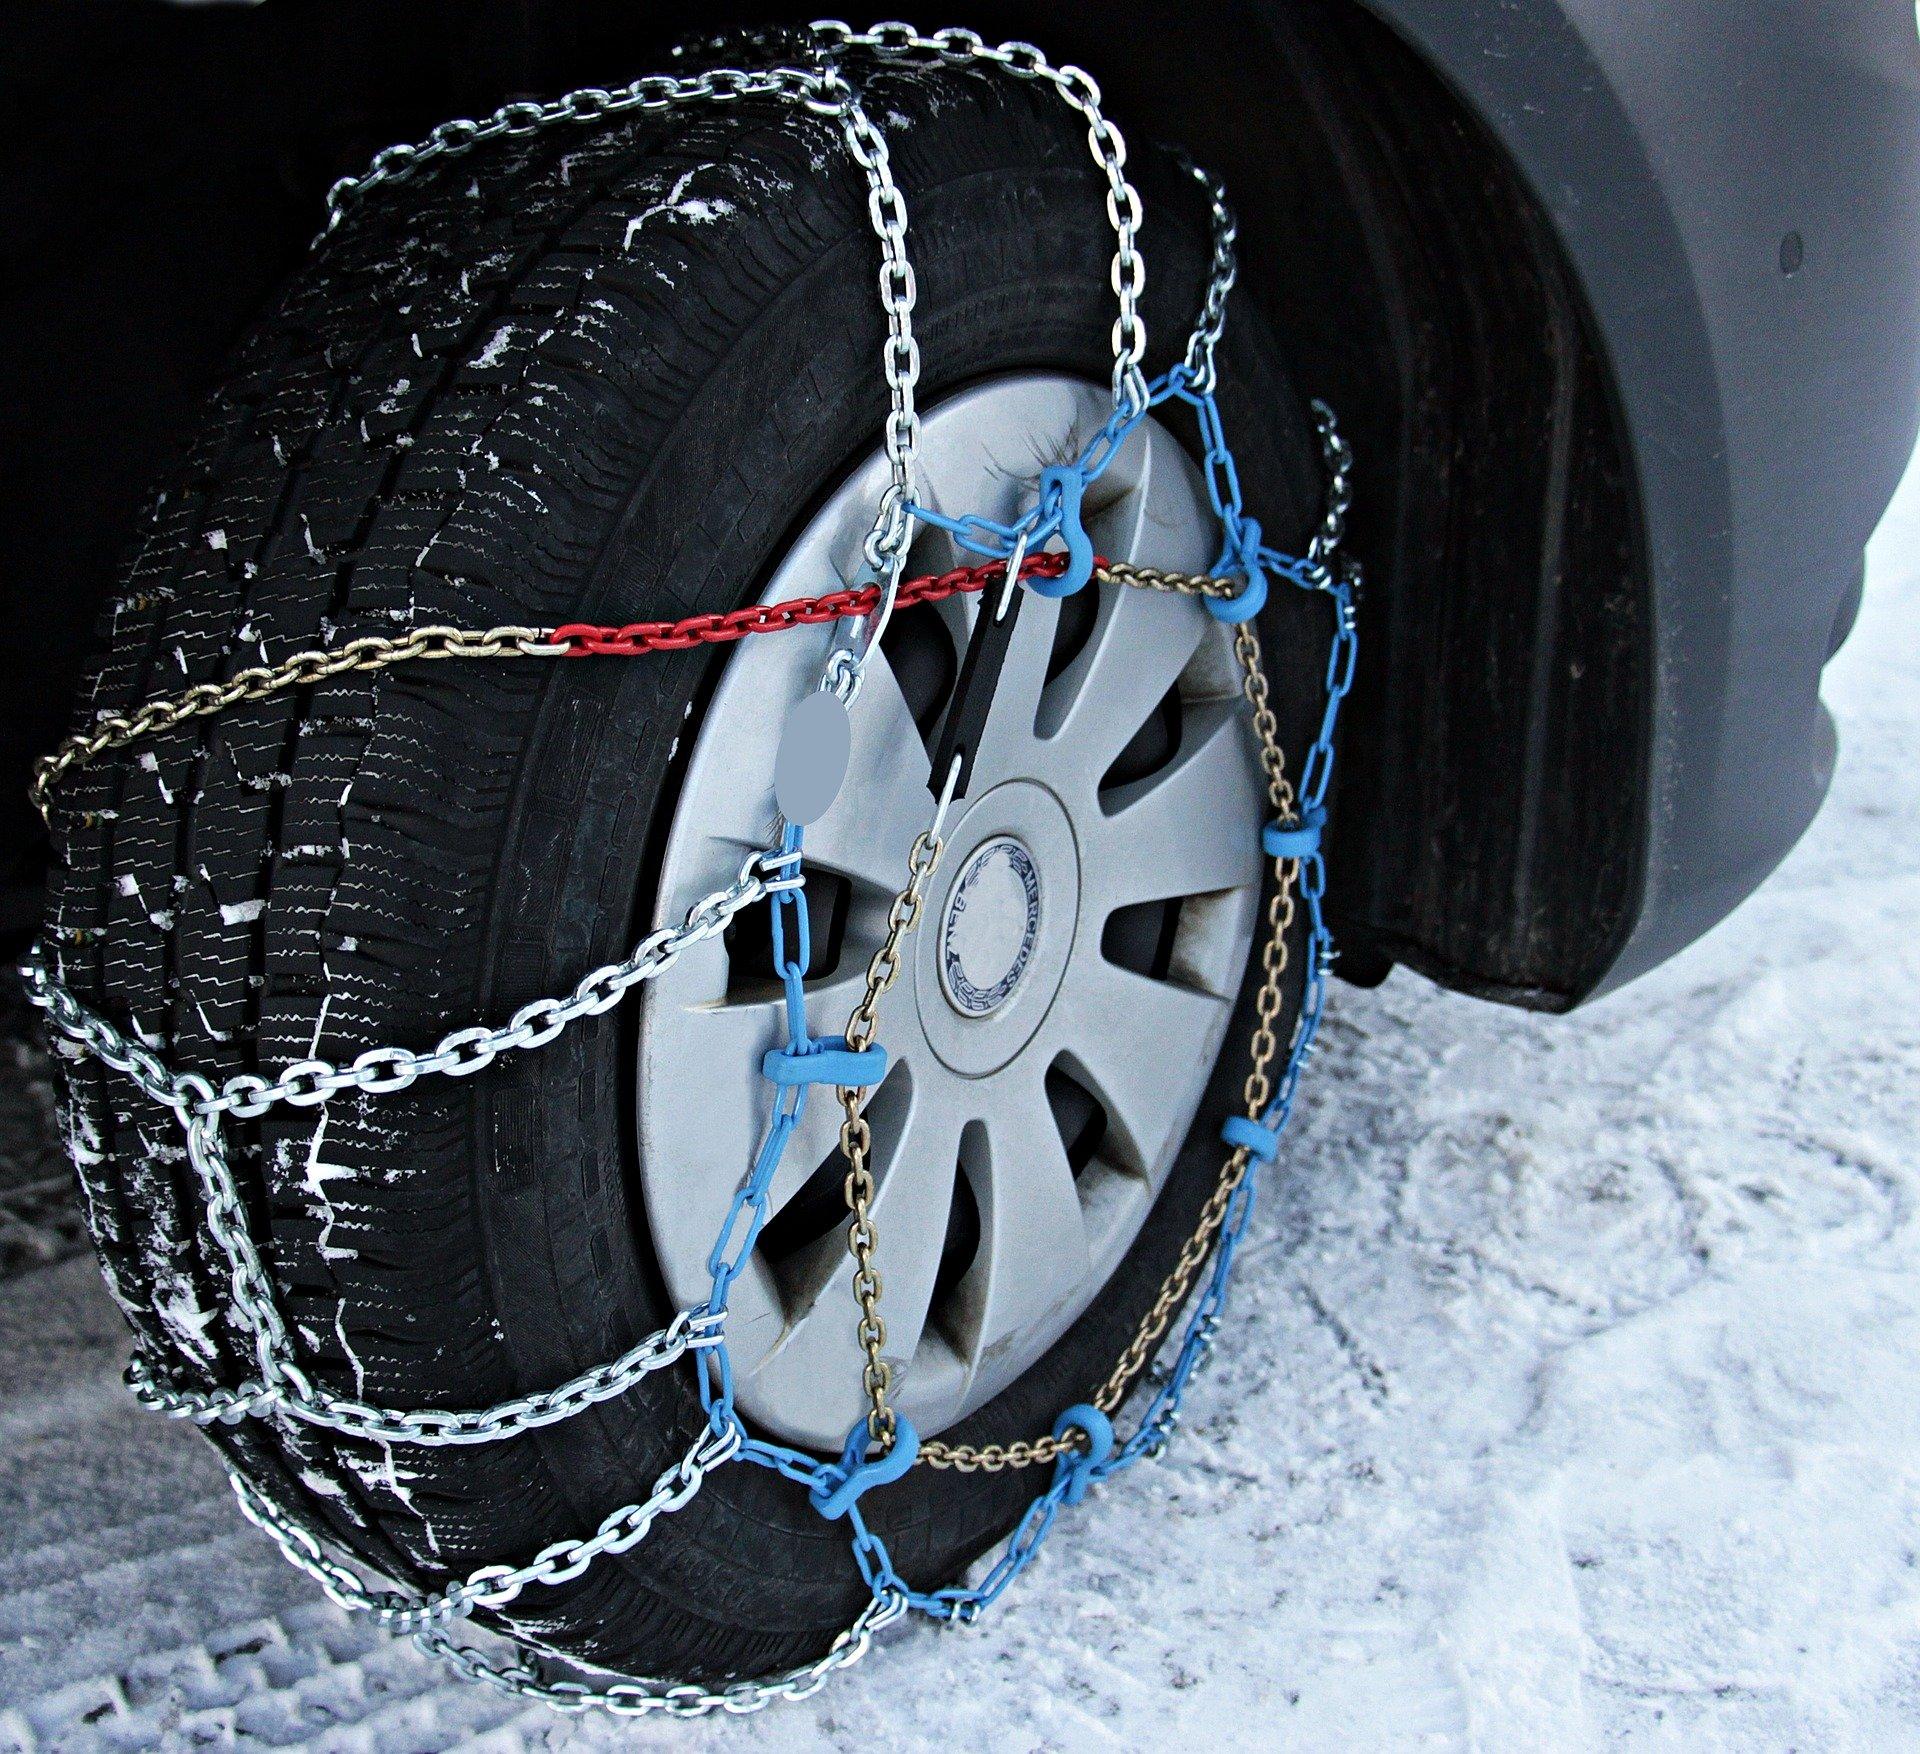 Sneeuwketting monteren